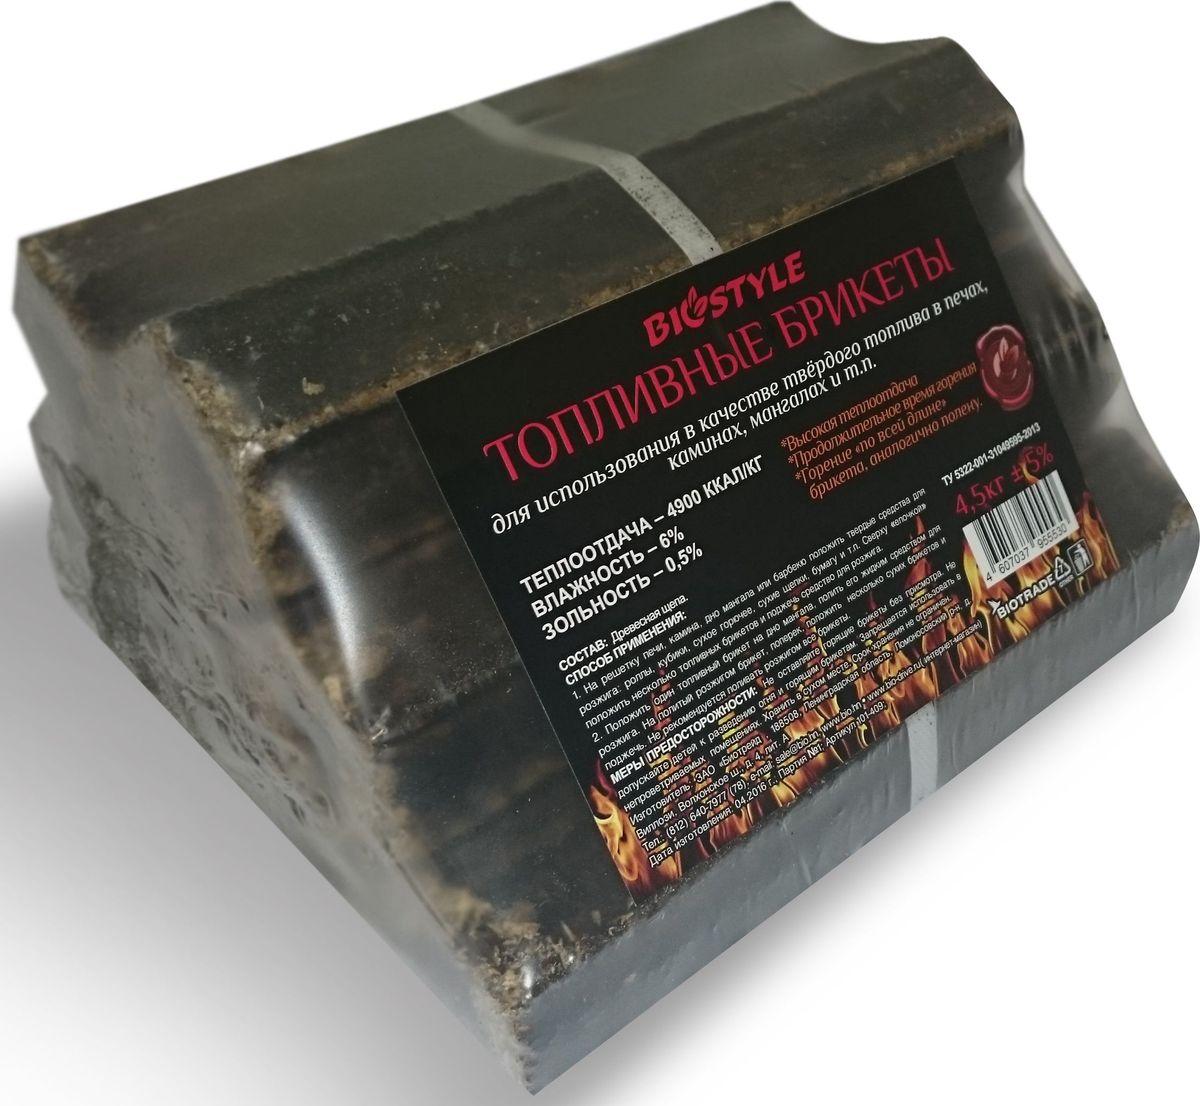 Топливные брикеты Biostyle Piny Kay, 4,5 кг101-409Твердые топливные брикеты стандарта «Pini-Kay» (пини-кей) имеют форму неправильного многогранника с отверстием внутри. Эти превосходные современные дрова произведены путем прессования сухой измельченной древесины под высоким давлением и при высокой температуре. Они имеют максимальную продолжительность горения и теплоту сгорания. Топливные брикеты пини-кей более стойки к механическим воздействиям и повышенной влажности. Евродрова этого типа горят красивым ровным пламенем и являются отличной заменой березовым дровам. Поэтому рекомендуем использовать их в каминах.